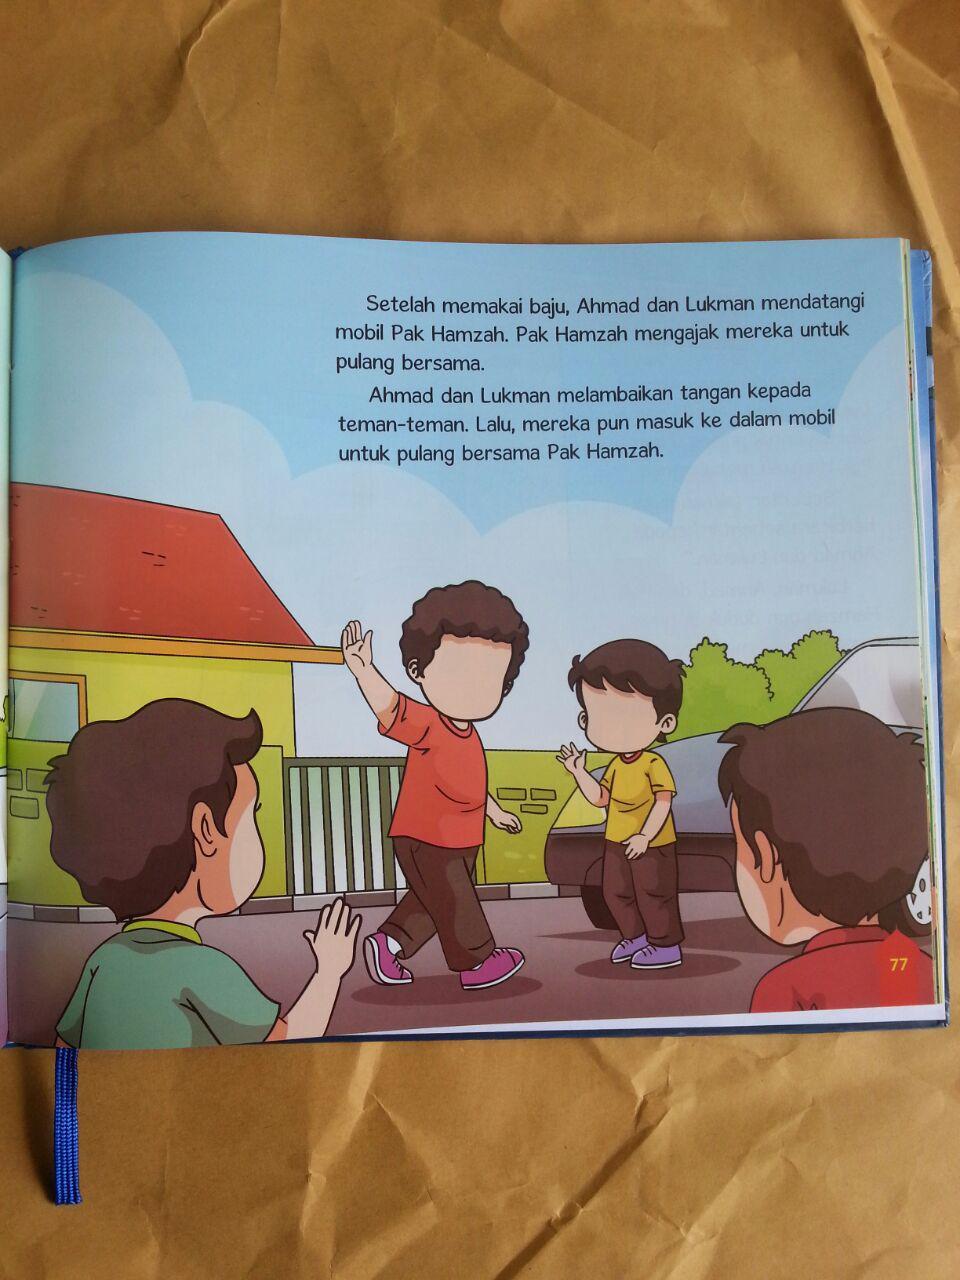 Buku Anak Menanti Masa Baligh Mengenalkan Baligh Mahram Dalam Cerita isi 3